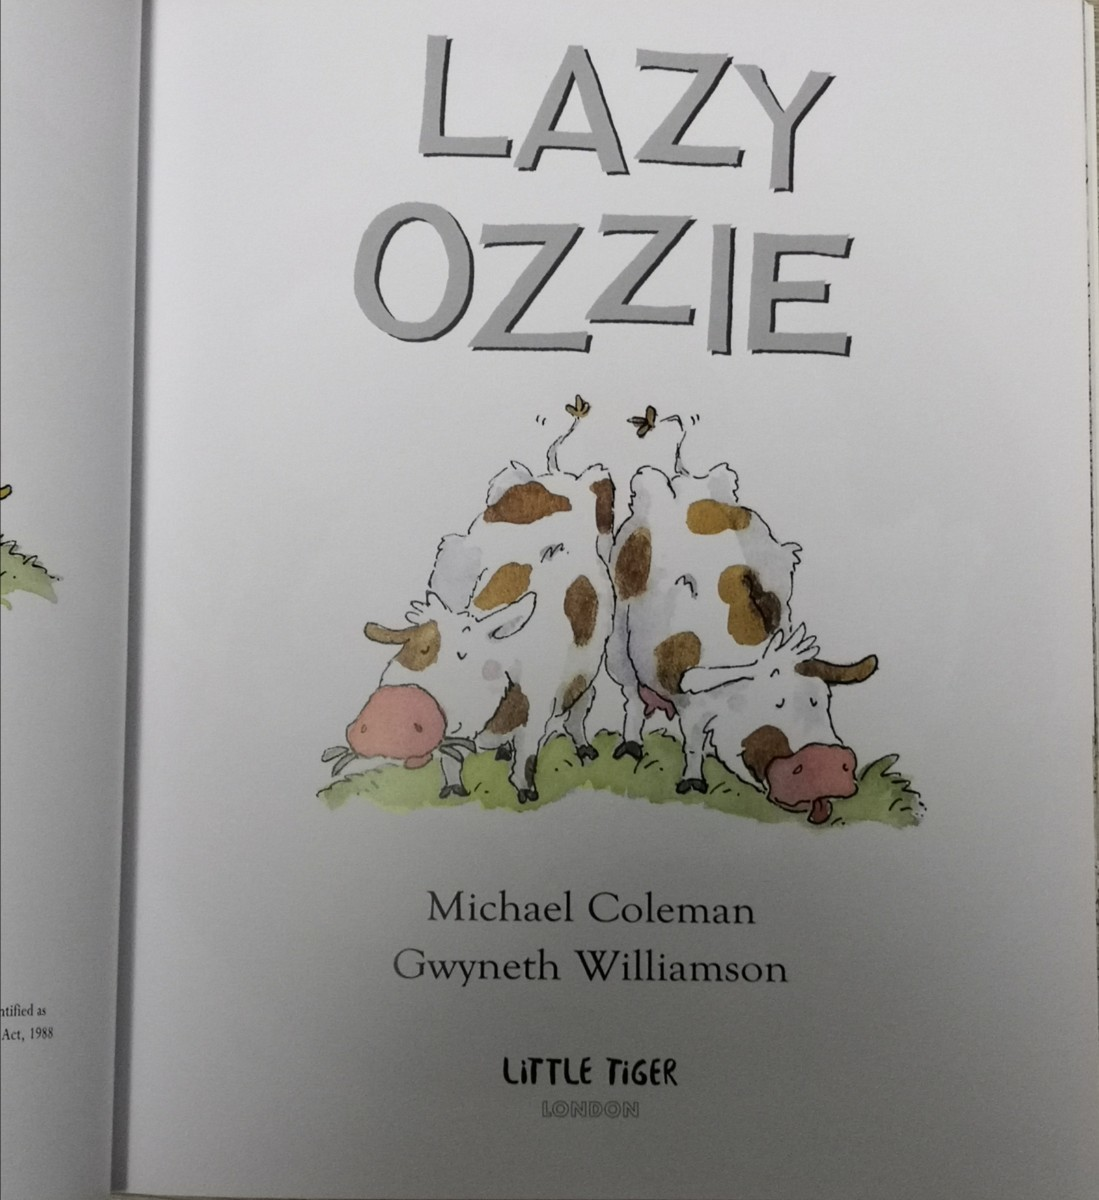 動物英語絵本 Lazy Ozzie